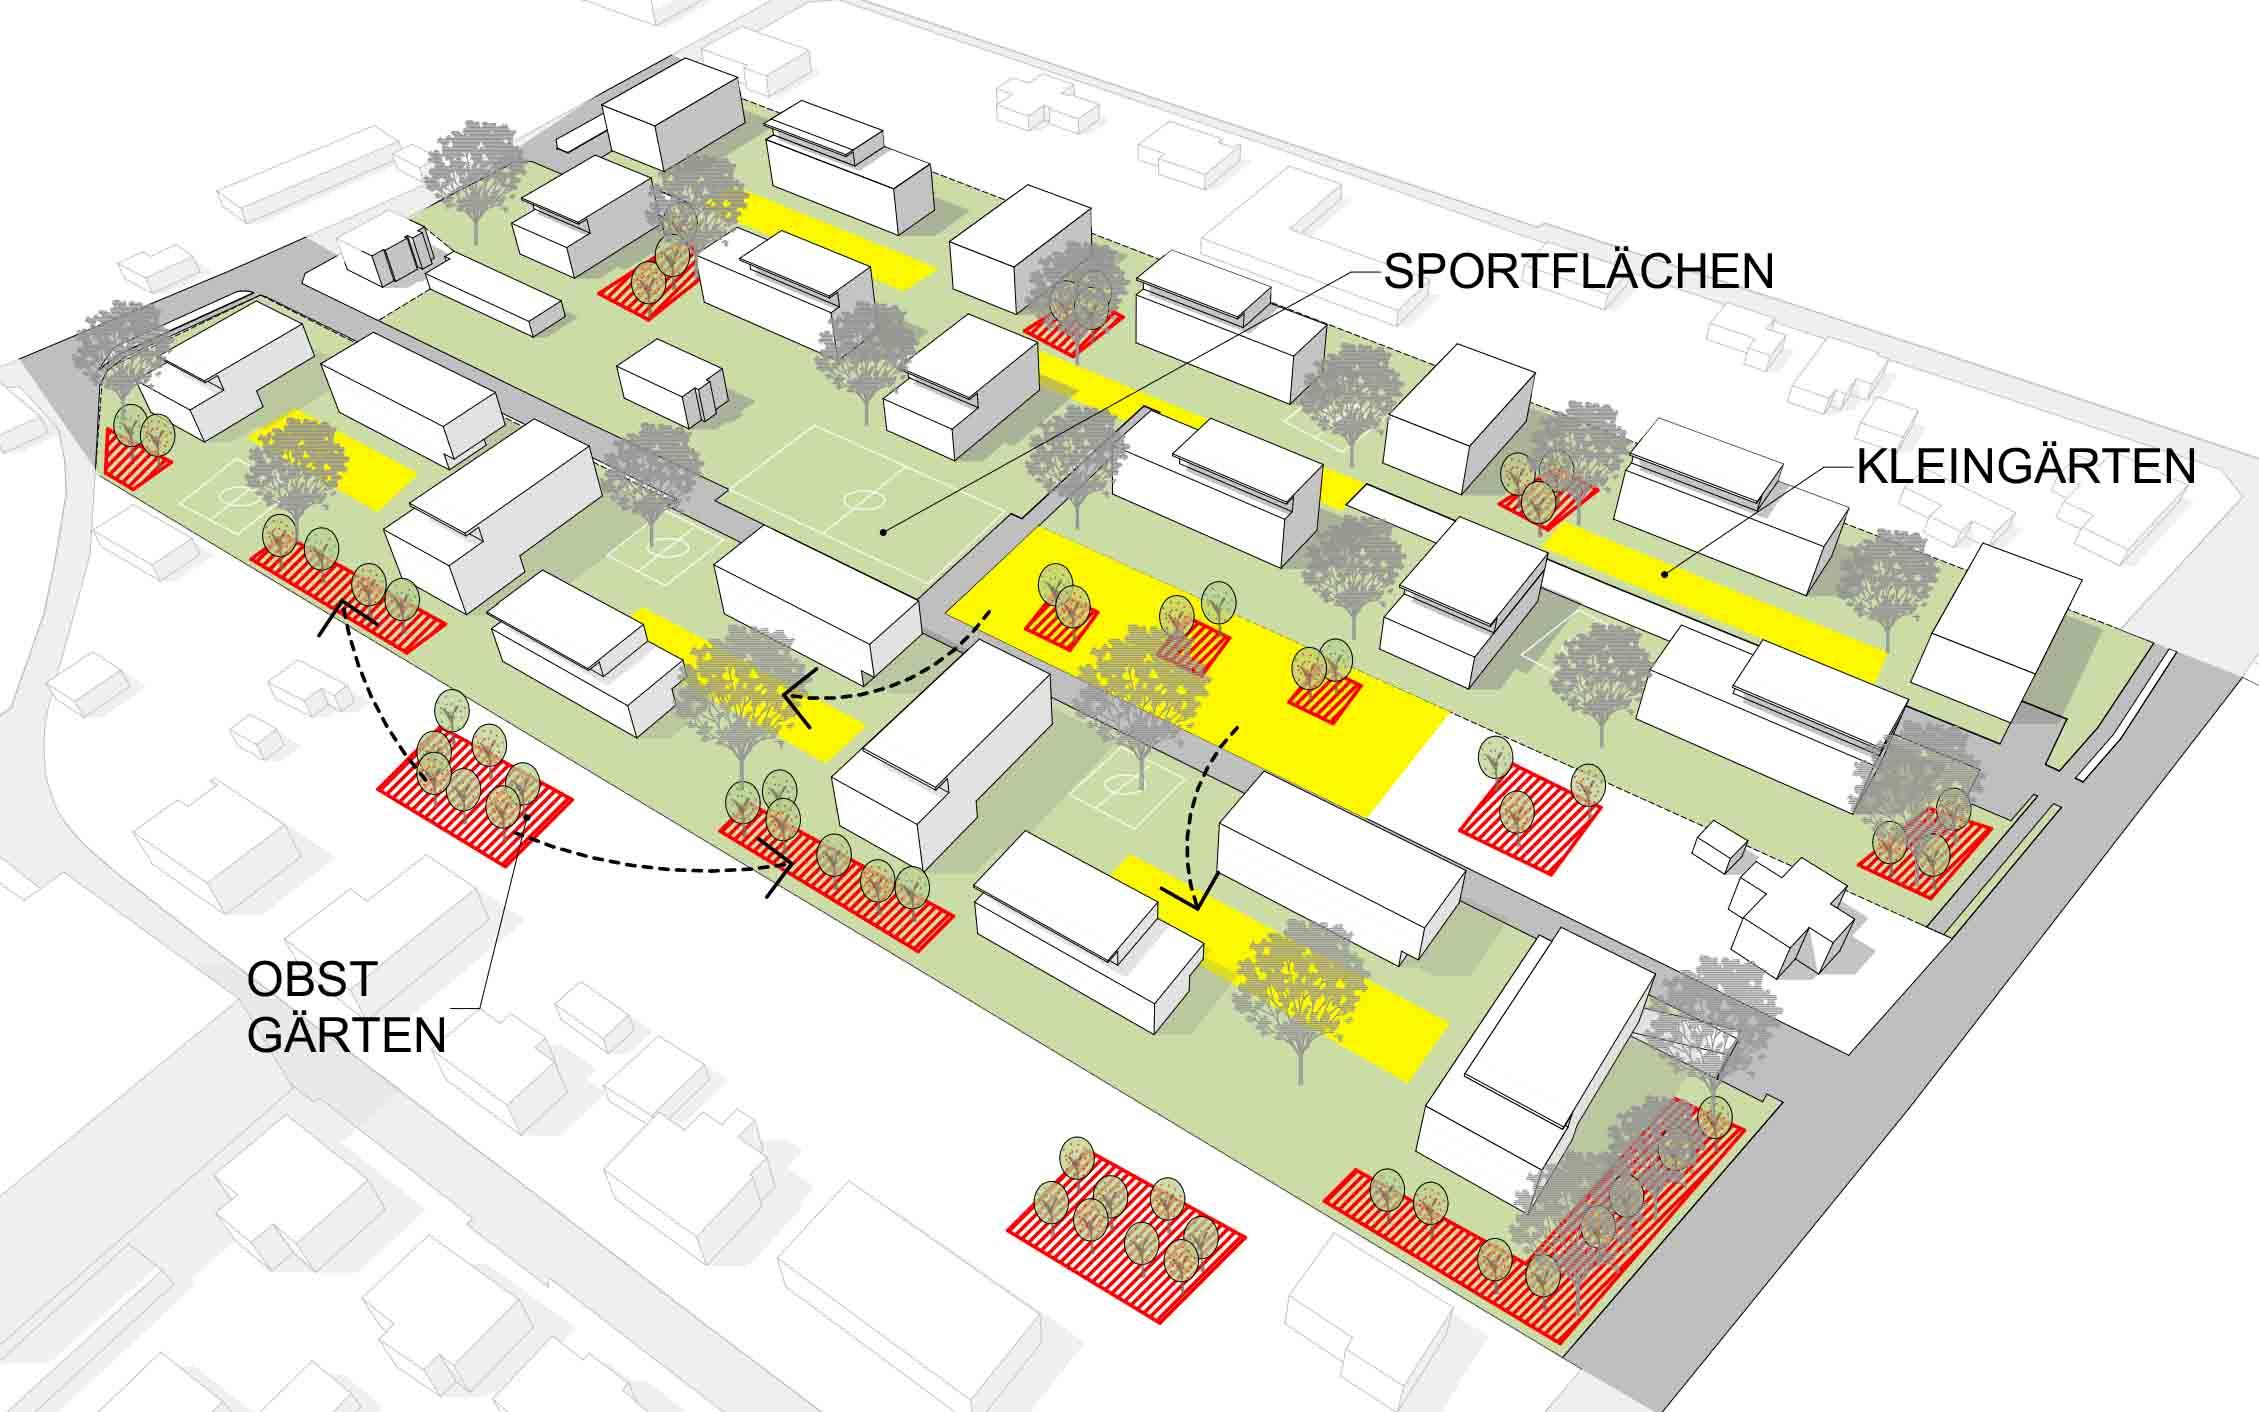 gartenstadtinterpretation